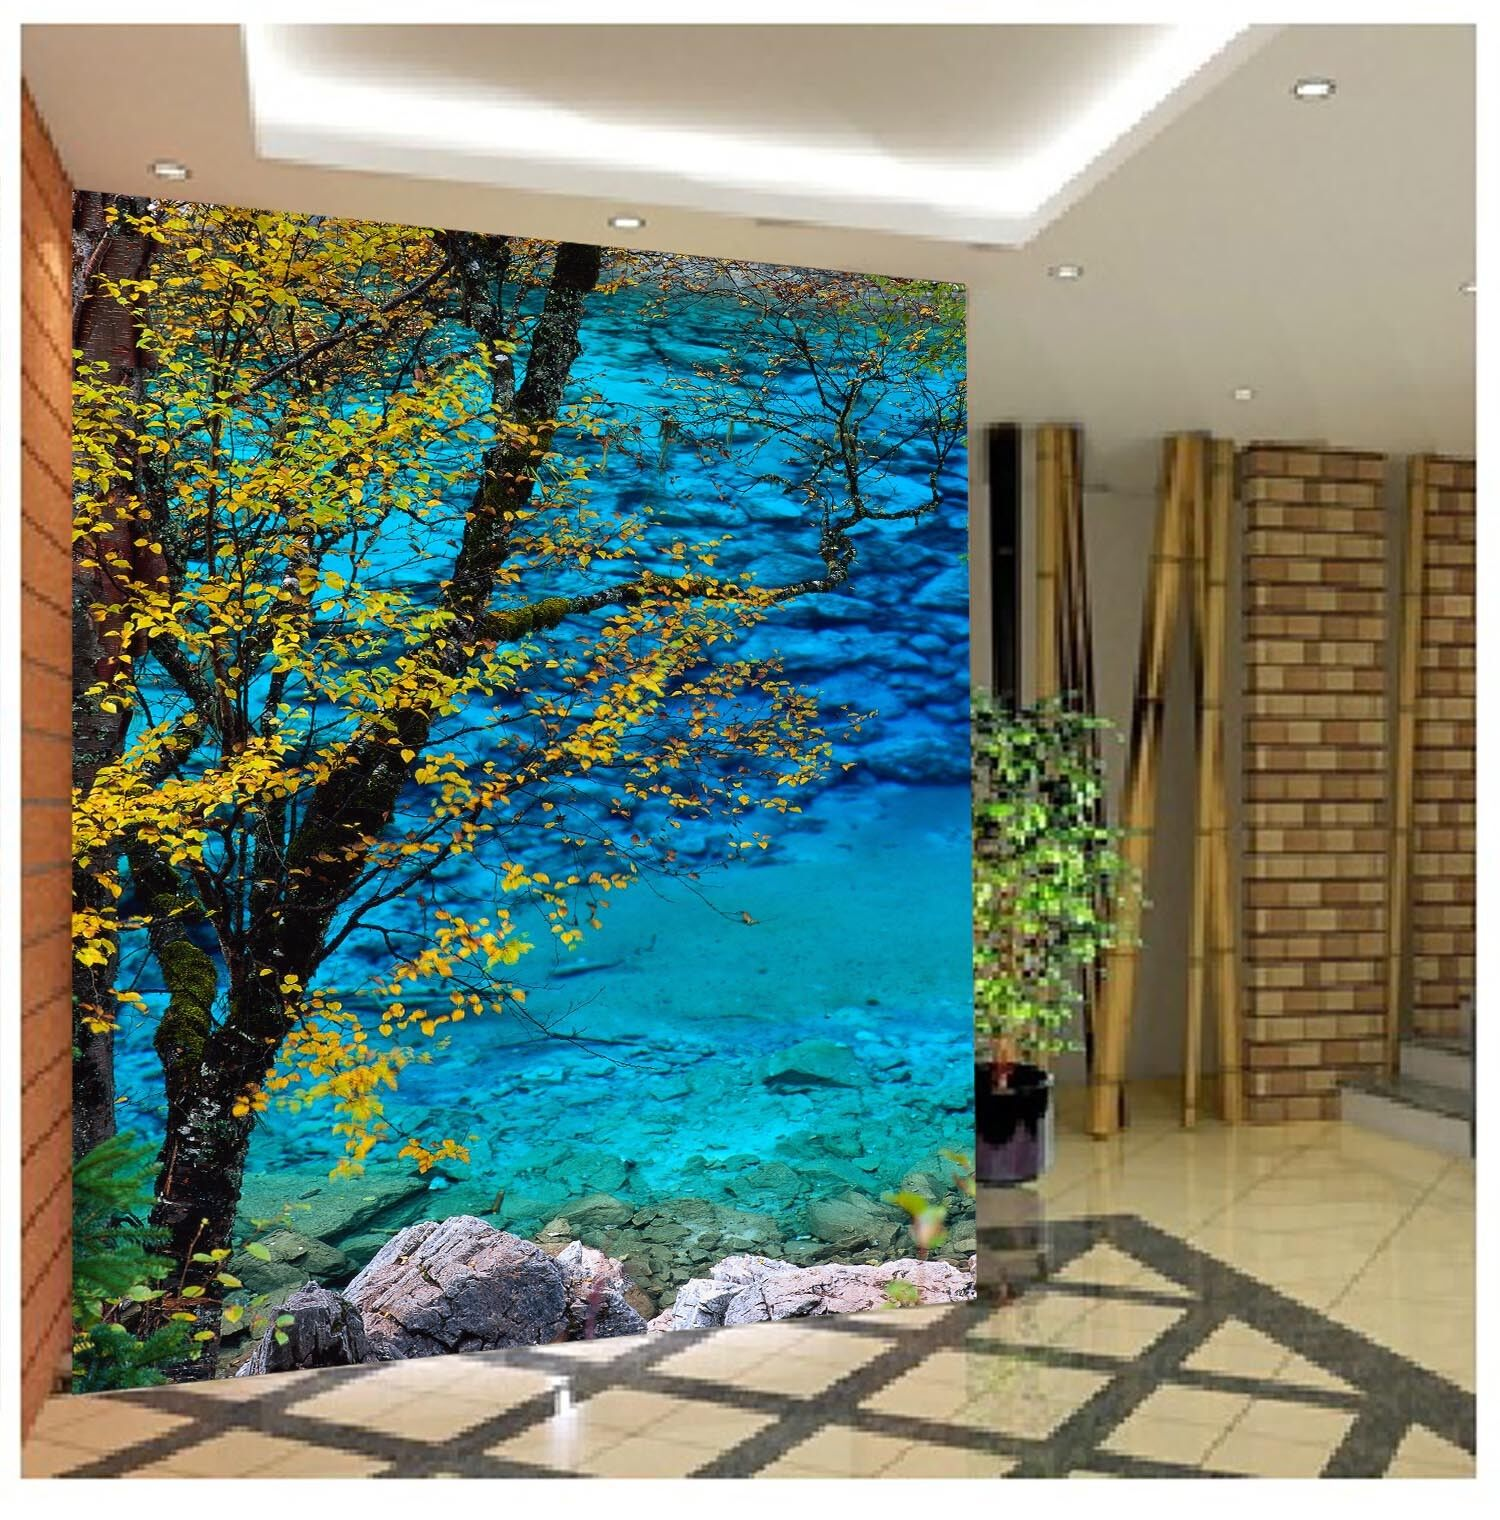 3D Bule River 4127 Wallpaper Murals Wall Print Wallpaper Mural AJ WALL UK Lemon